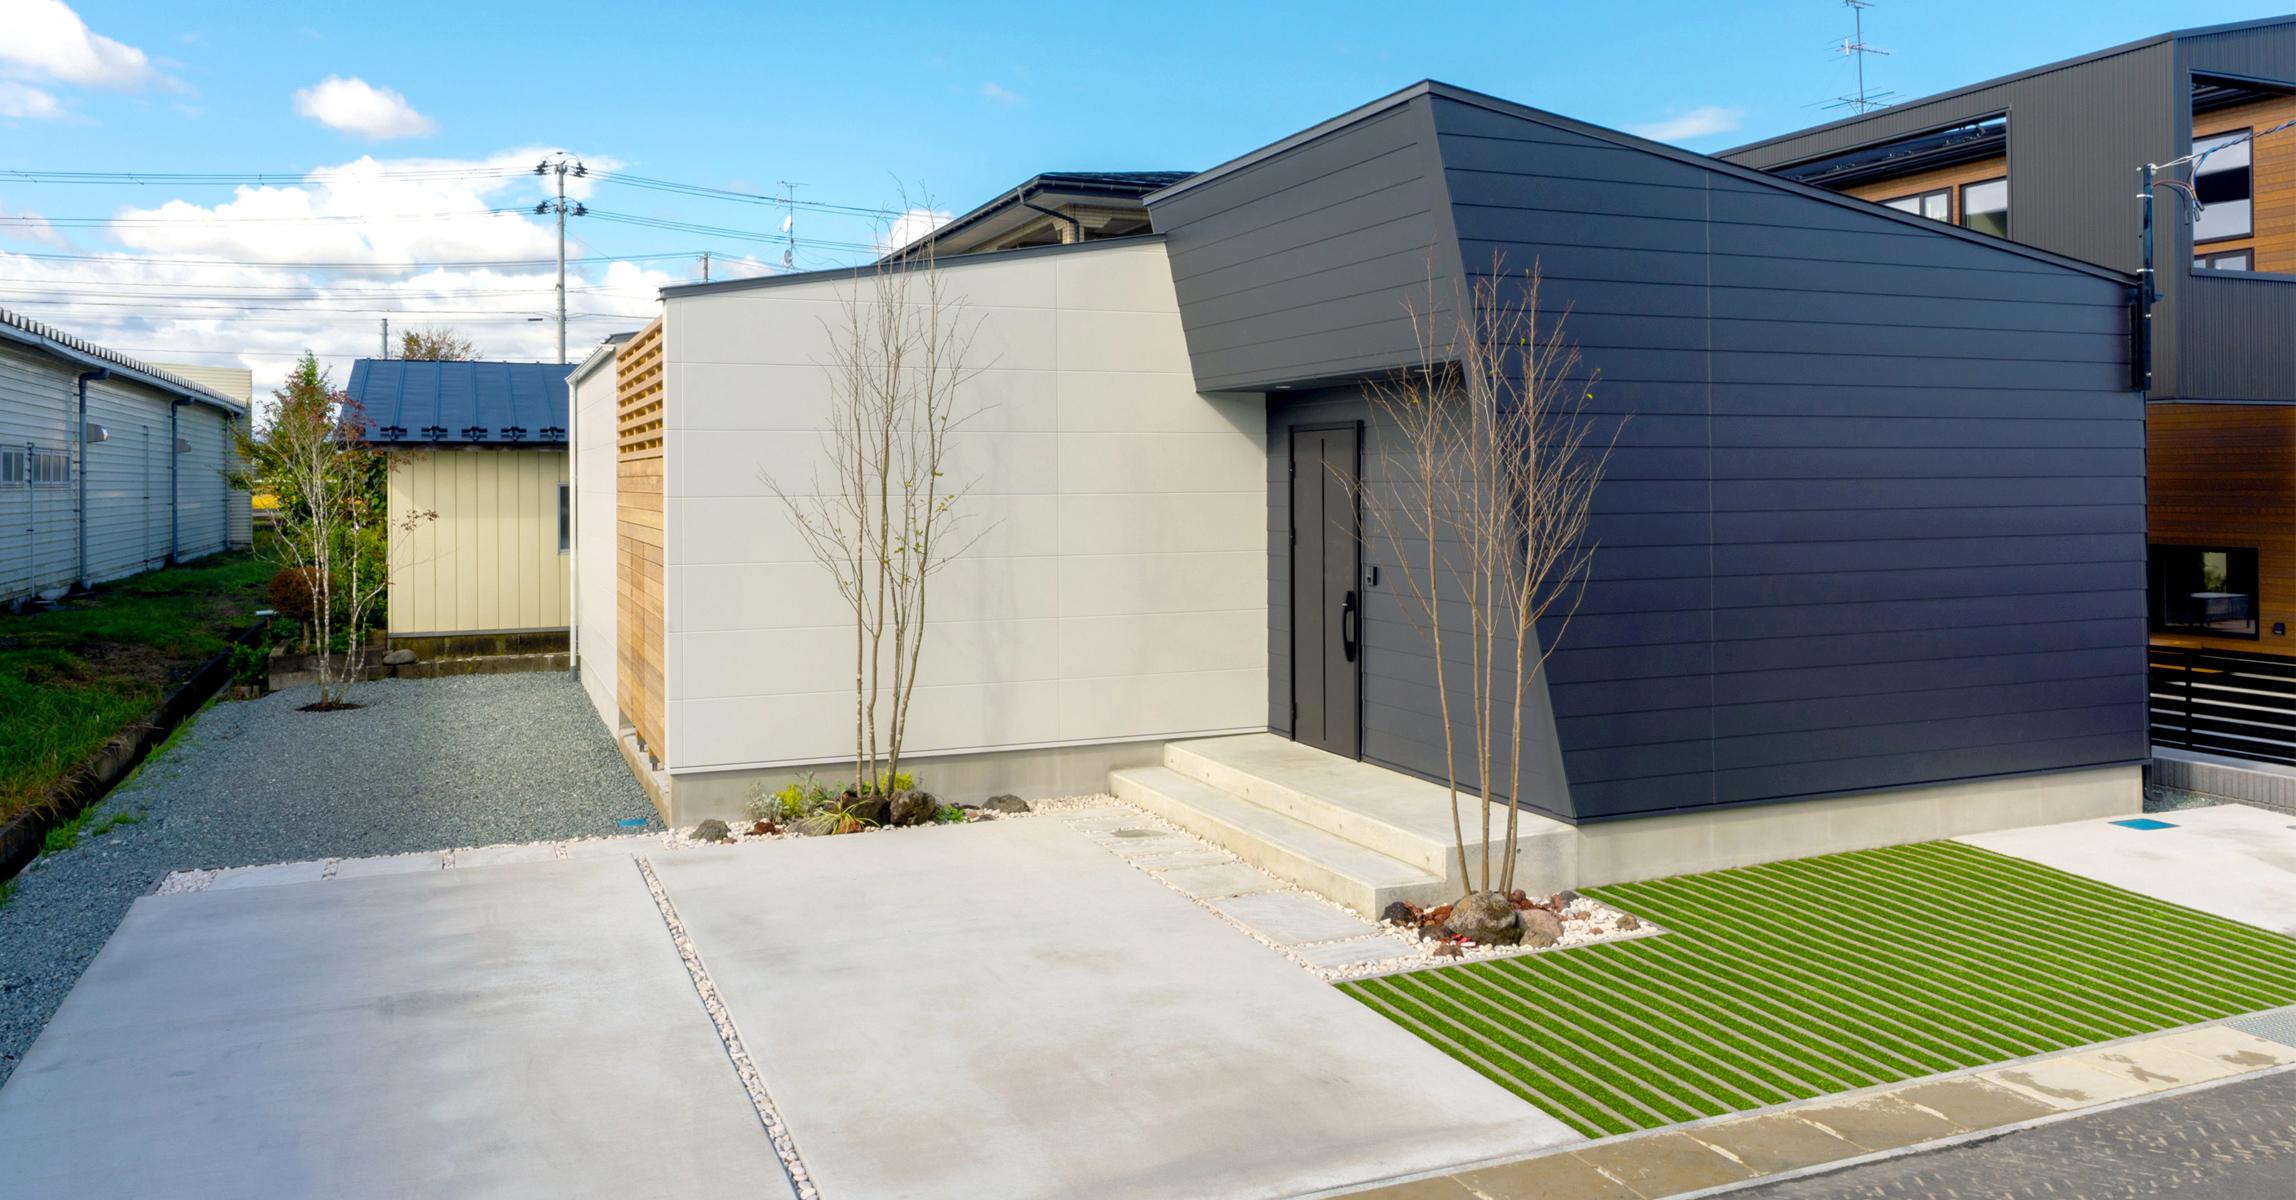 来客用駐車スペース (2台分のコンクリート土間+人工芝グラスボーダー)